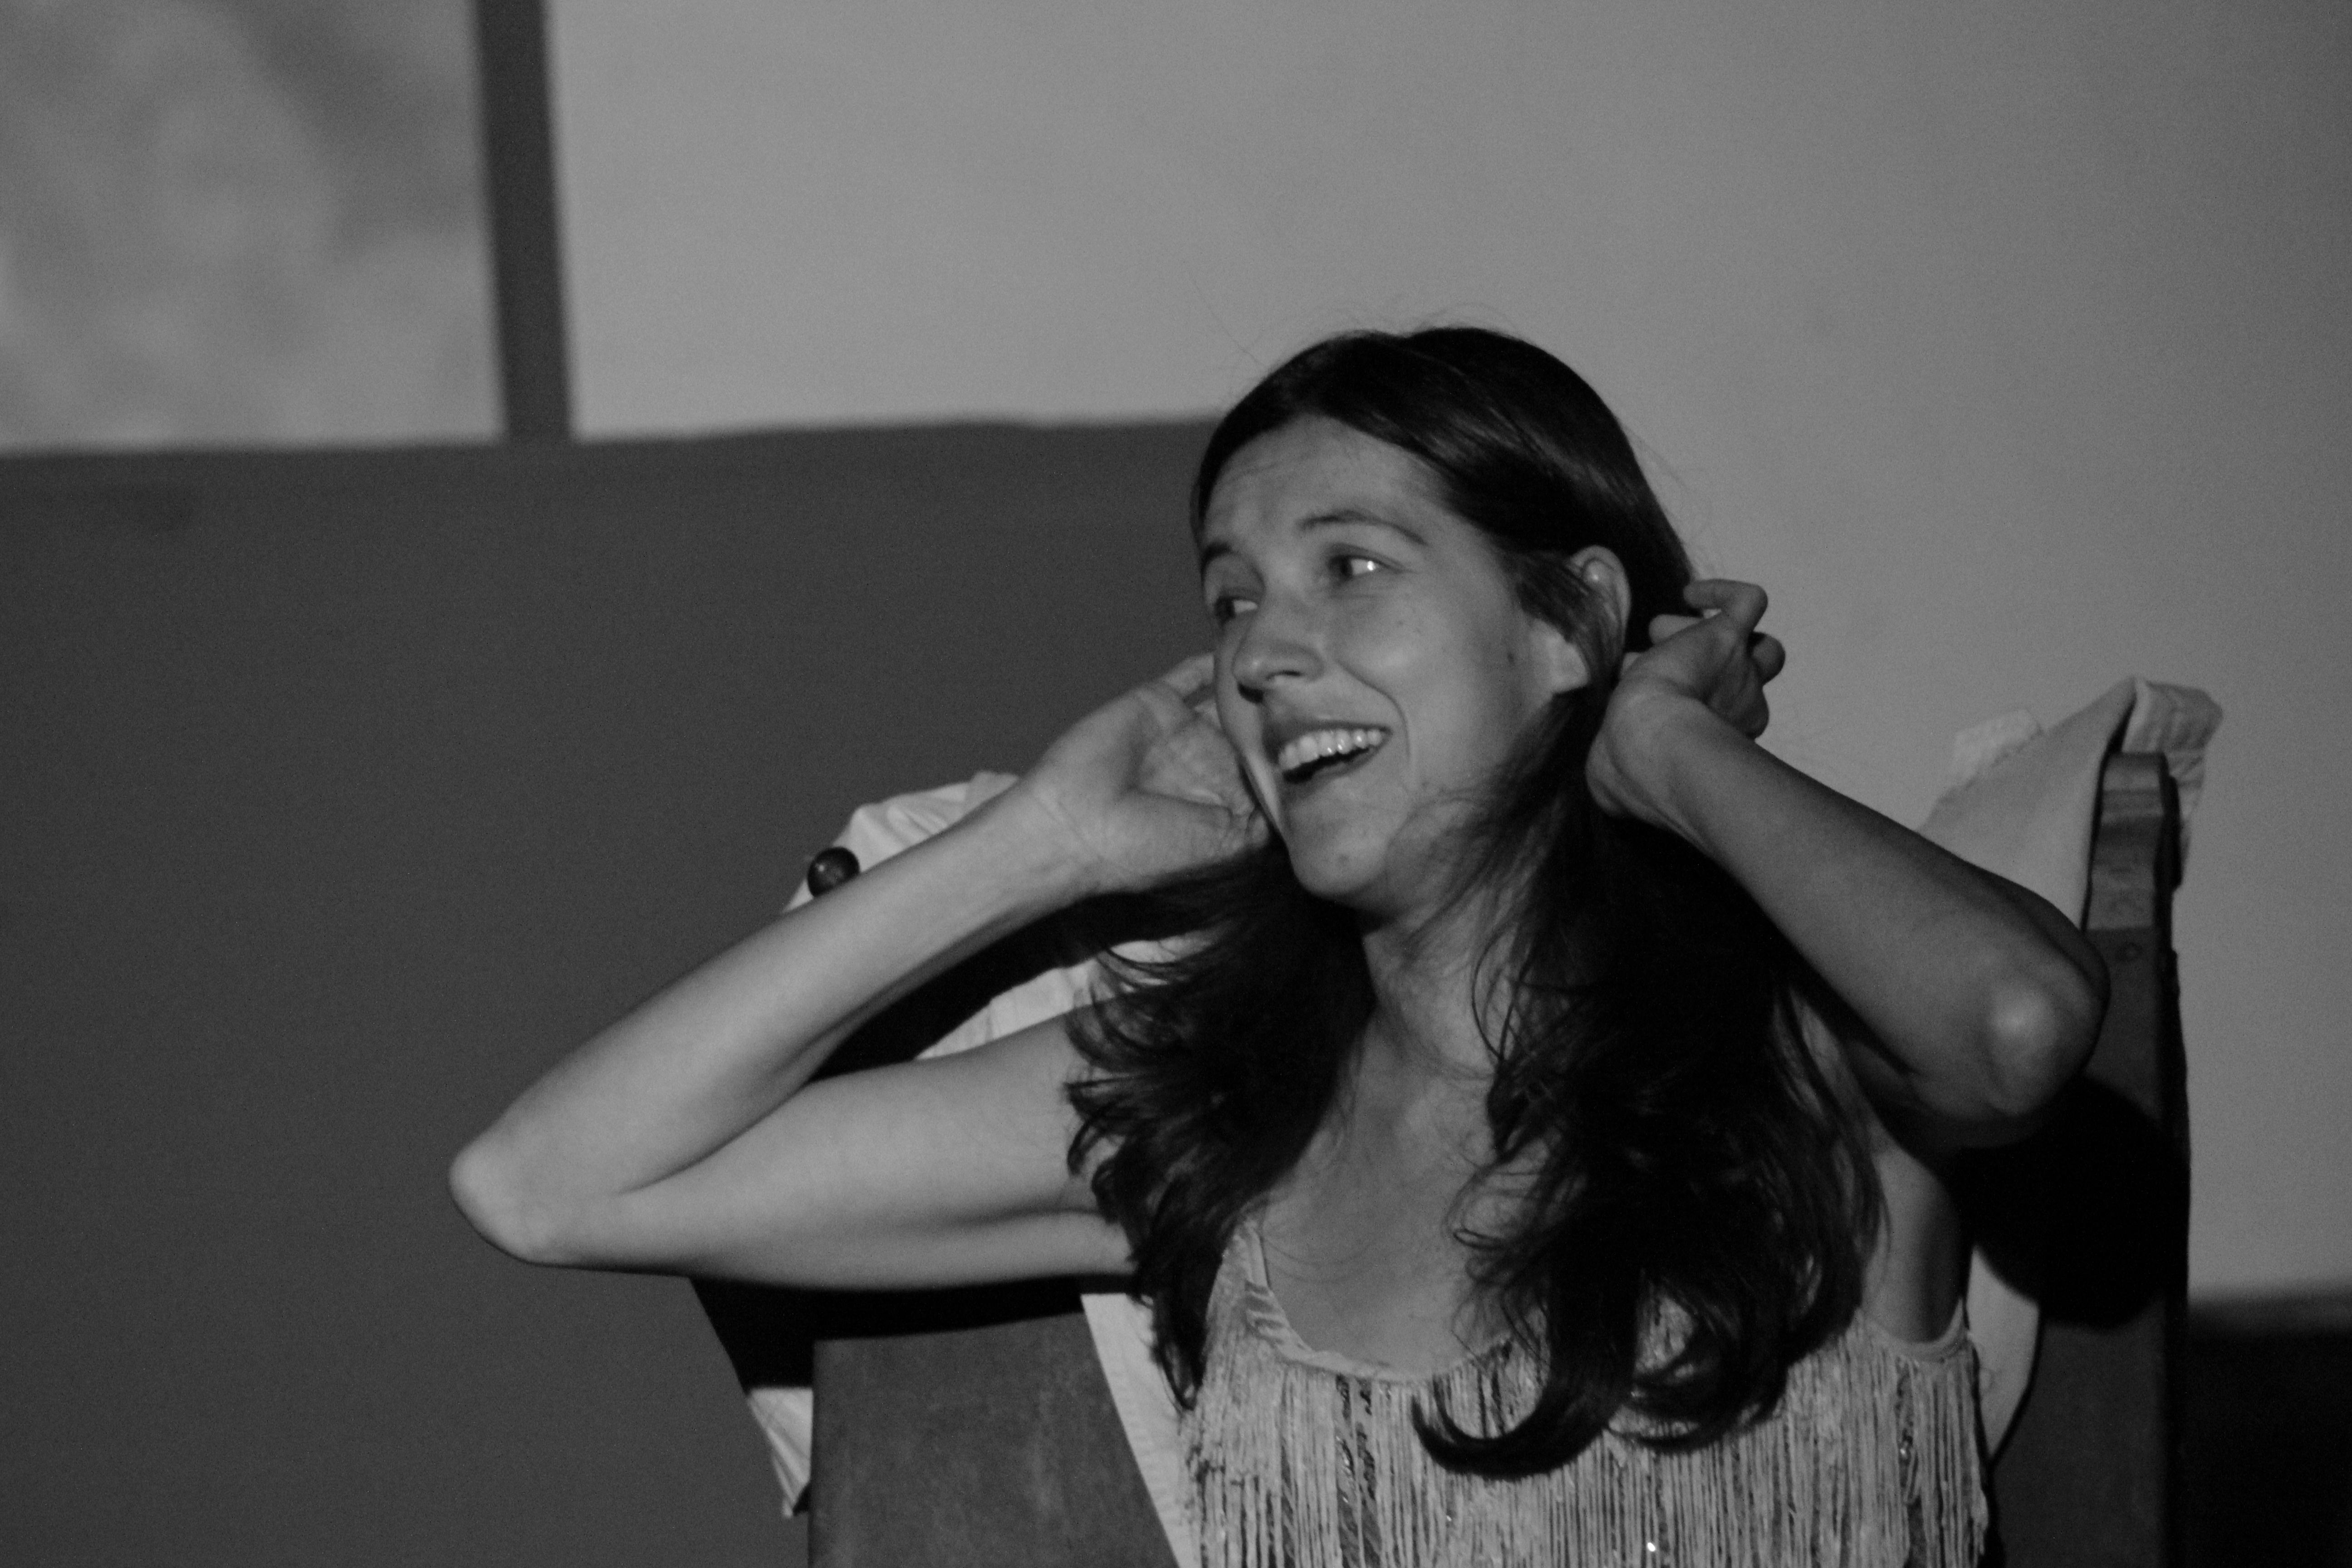 Mariana Hartasánchez